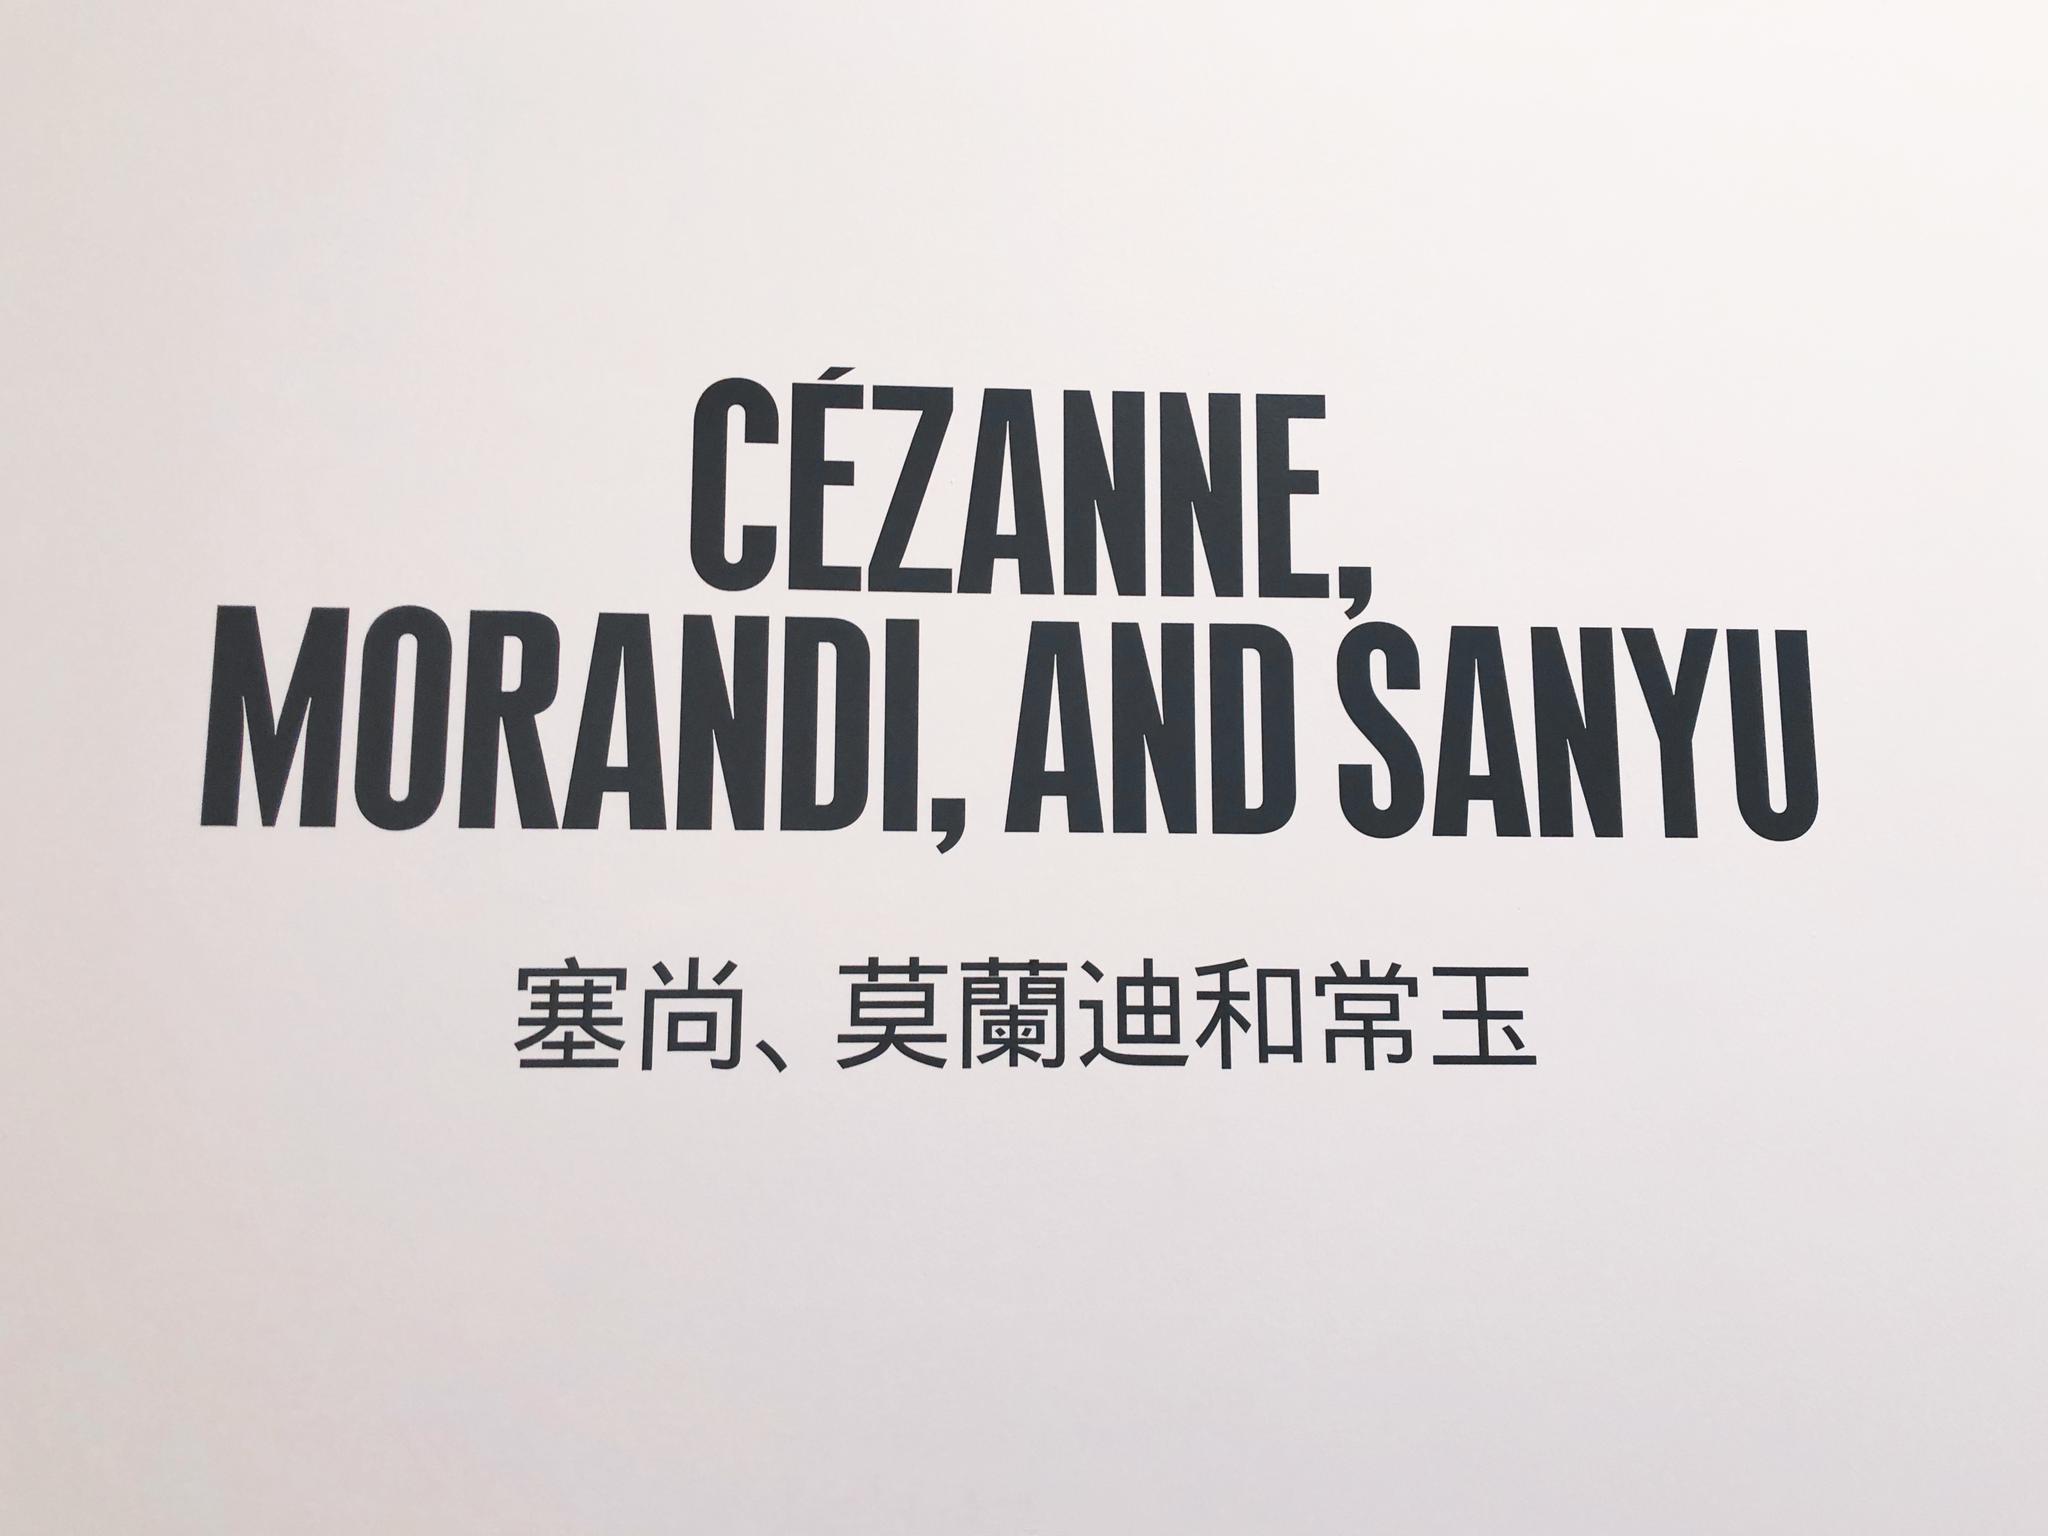 18塞尚、莫兰迪、常玉高古轩画廊(香港)      中环毕打